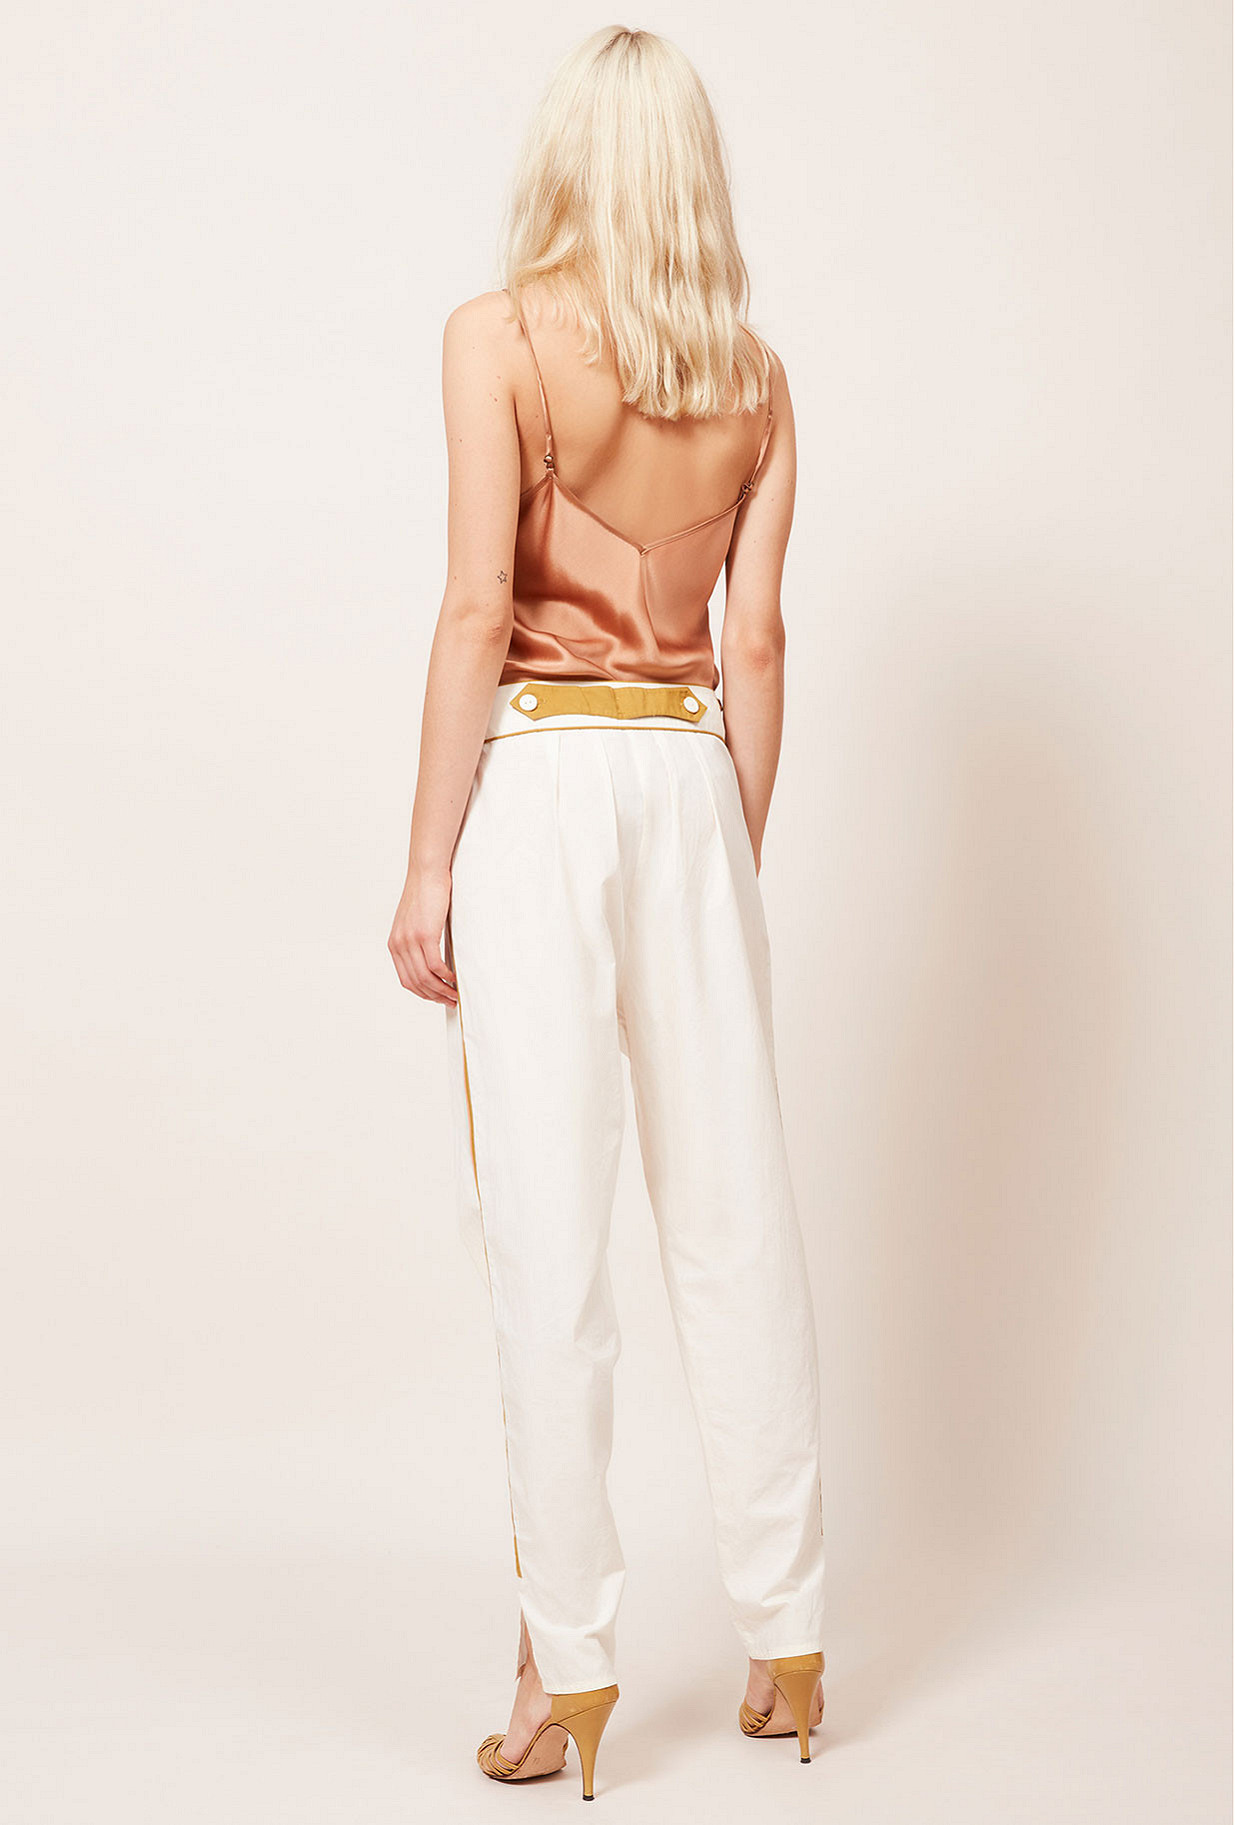 Pantalon   Primo mes demoiselles paris vêtement femme paris